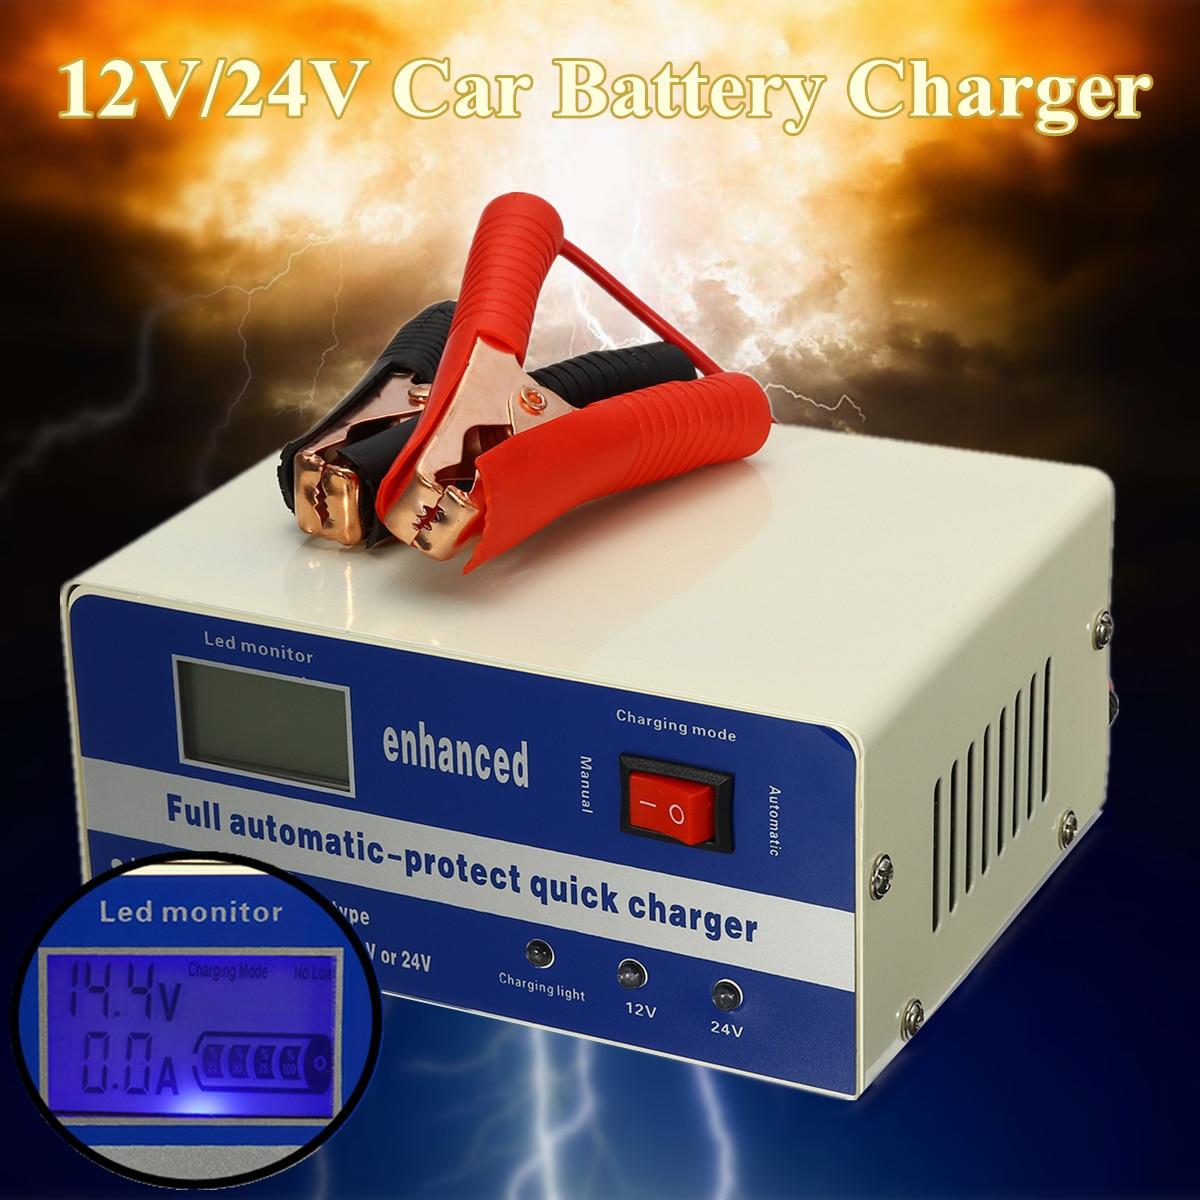 Impulsion intelligente 200AH de chargeur de batterie au plomb de voiture automatique électrique de 110 V/220 V 12 V/24 V pour 120AH Batteries au plomb 180 W 2 Modes